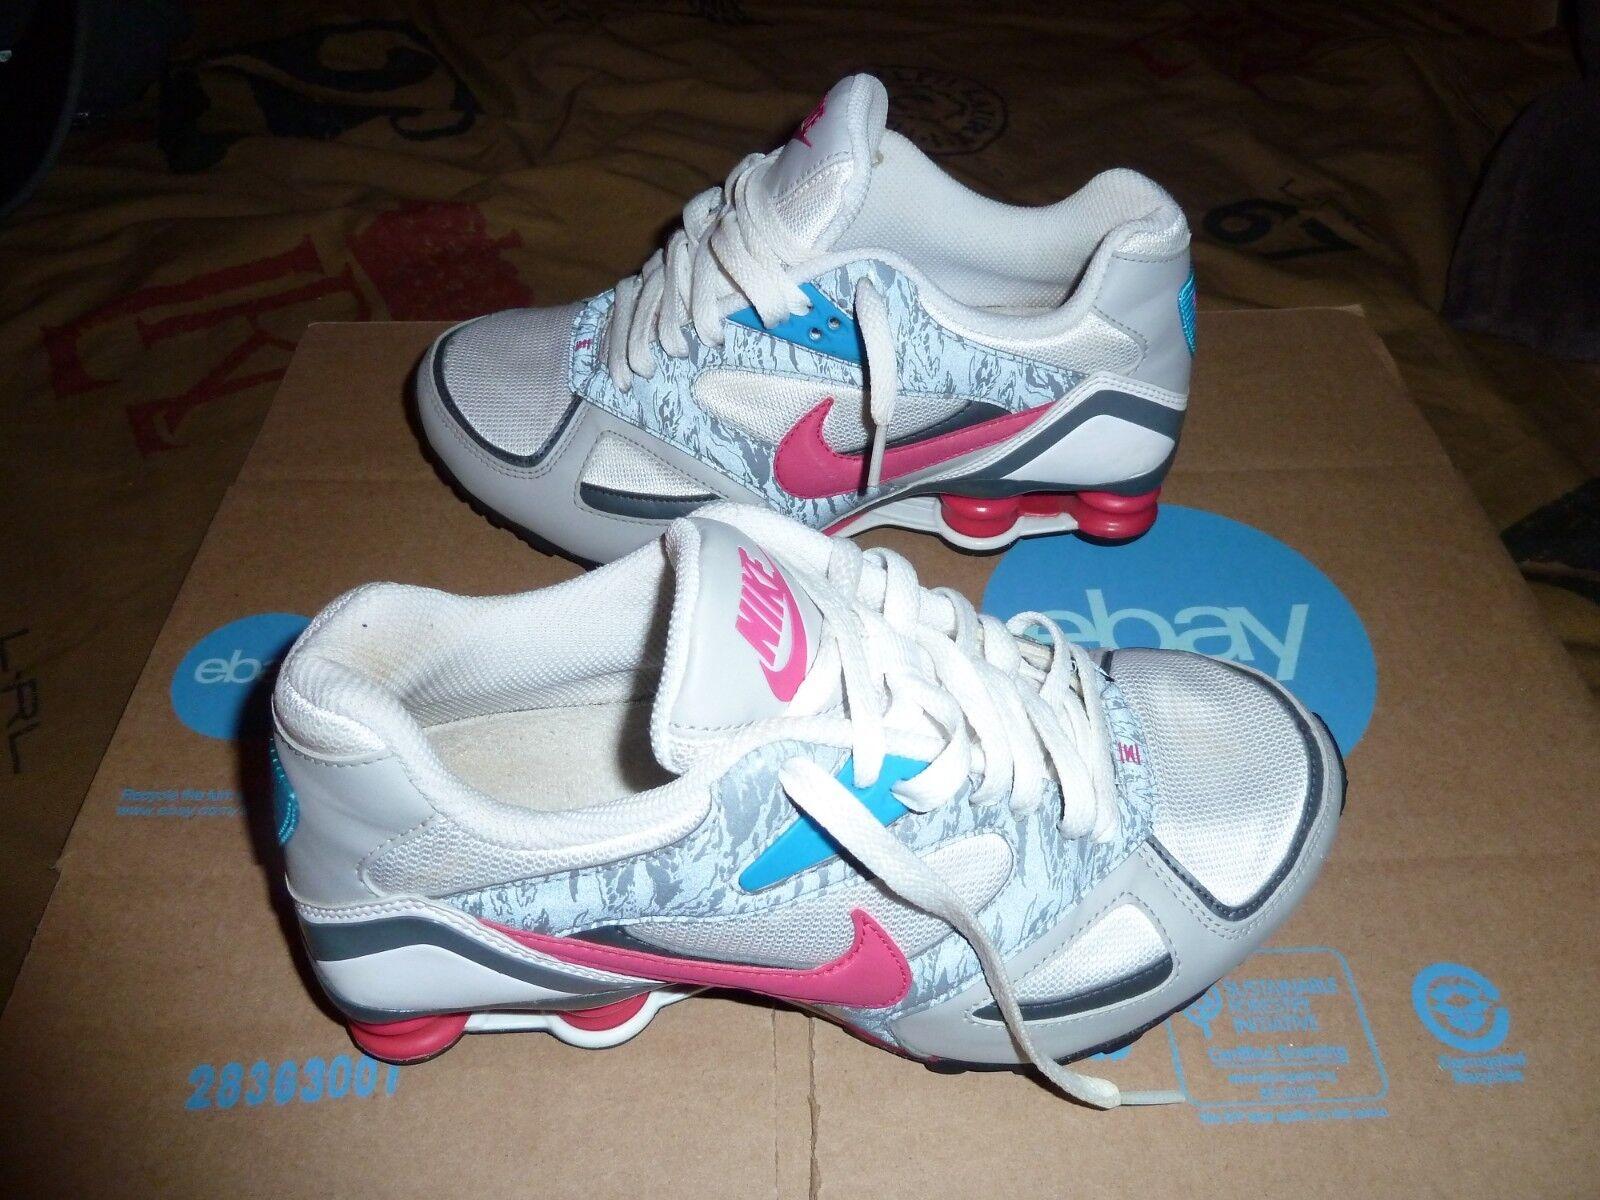 Nike Nike Nike Shox Heritage Si Blanco Rosa Gris Azul Negro 386358 162 US tamaño 7.5 09fd95